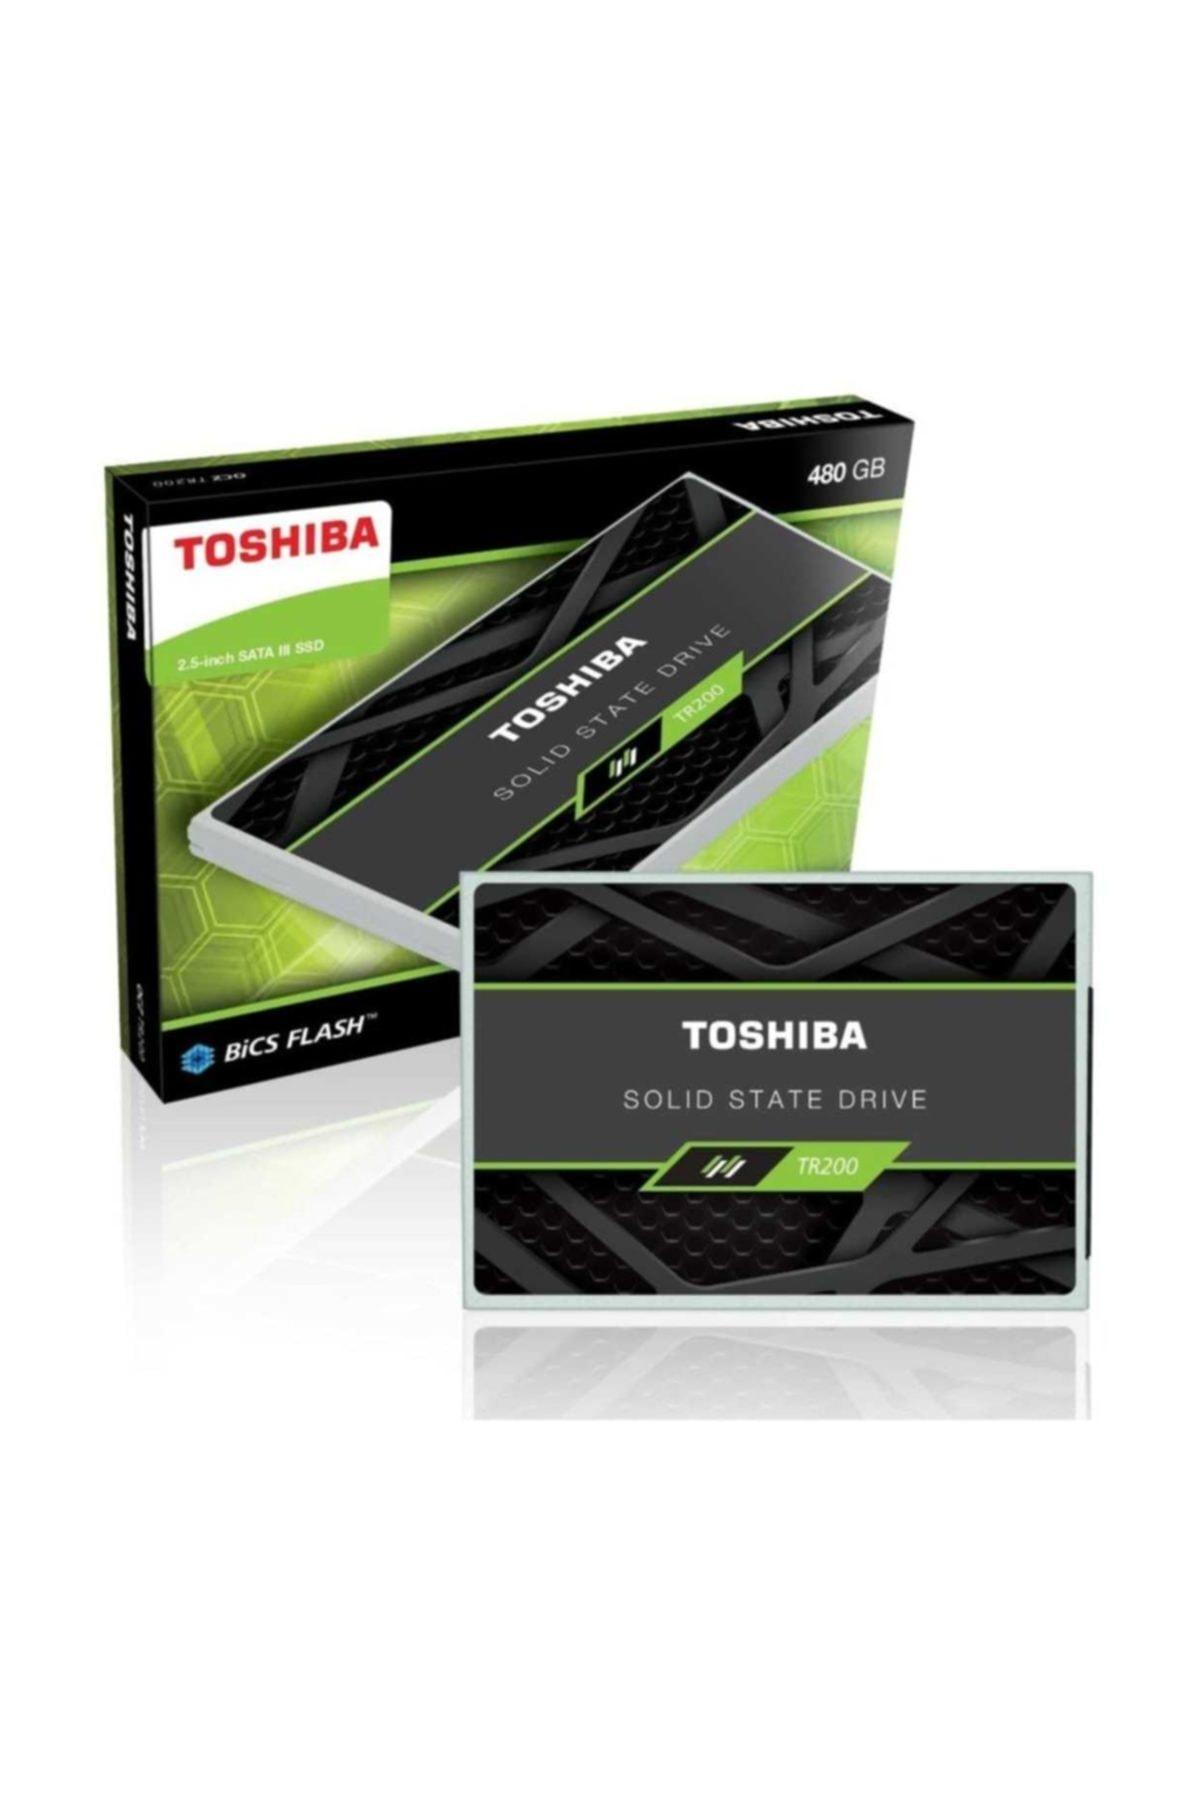 """Toshiba 480Gb Ocz 2.5"""" Tr200 555/540Mb/Sn Ssd Disk 2"""